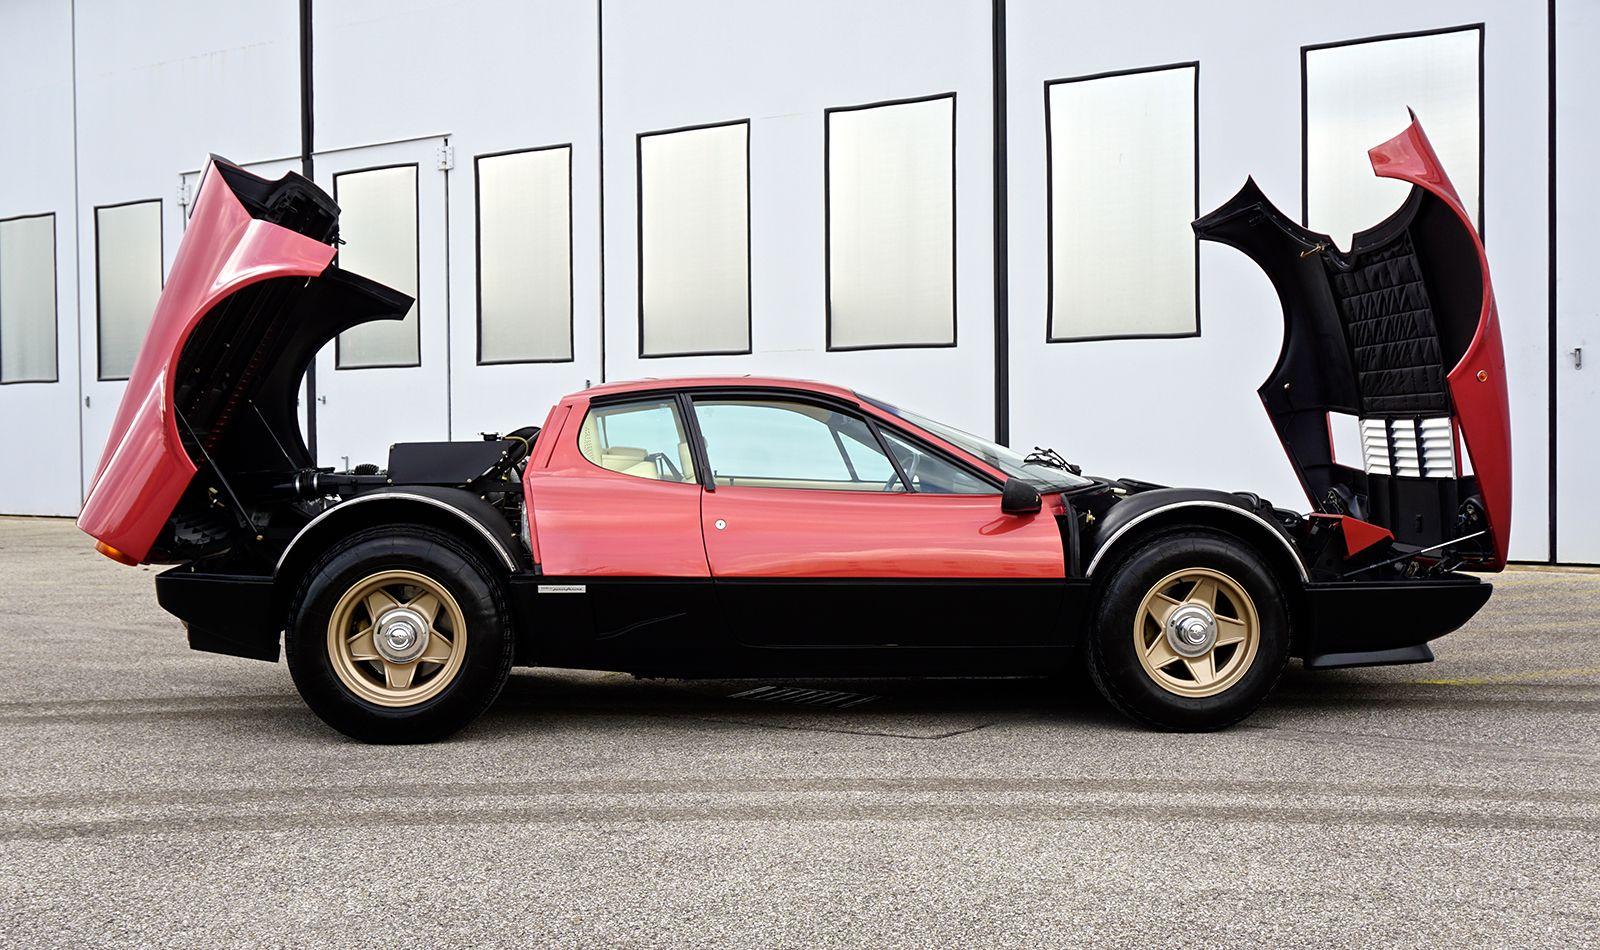 Ferrari 512 BBi mit aufgeklappter Motorhaube und vorderer Abdeckung Seitenansicht